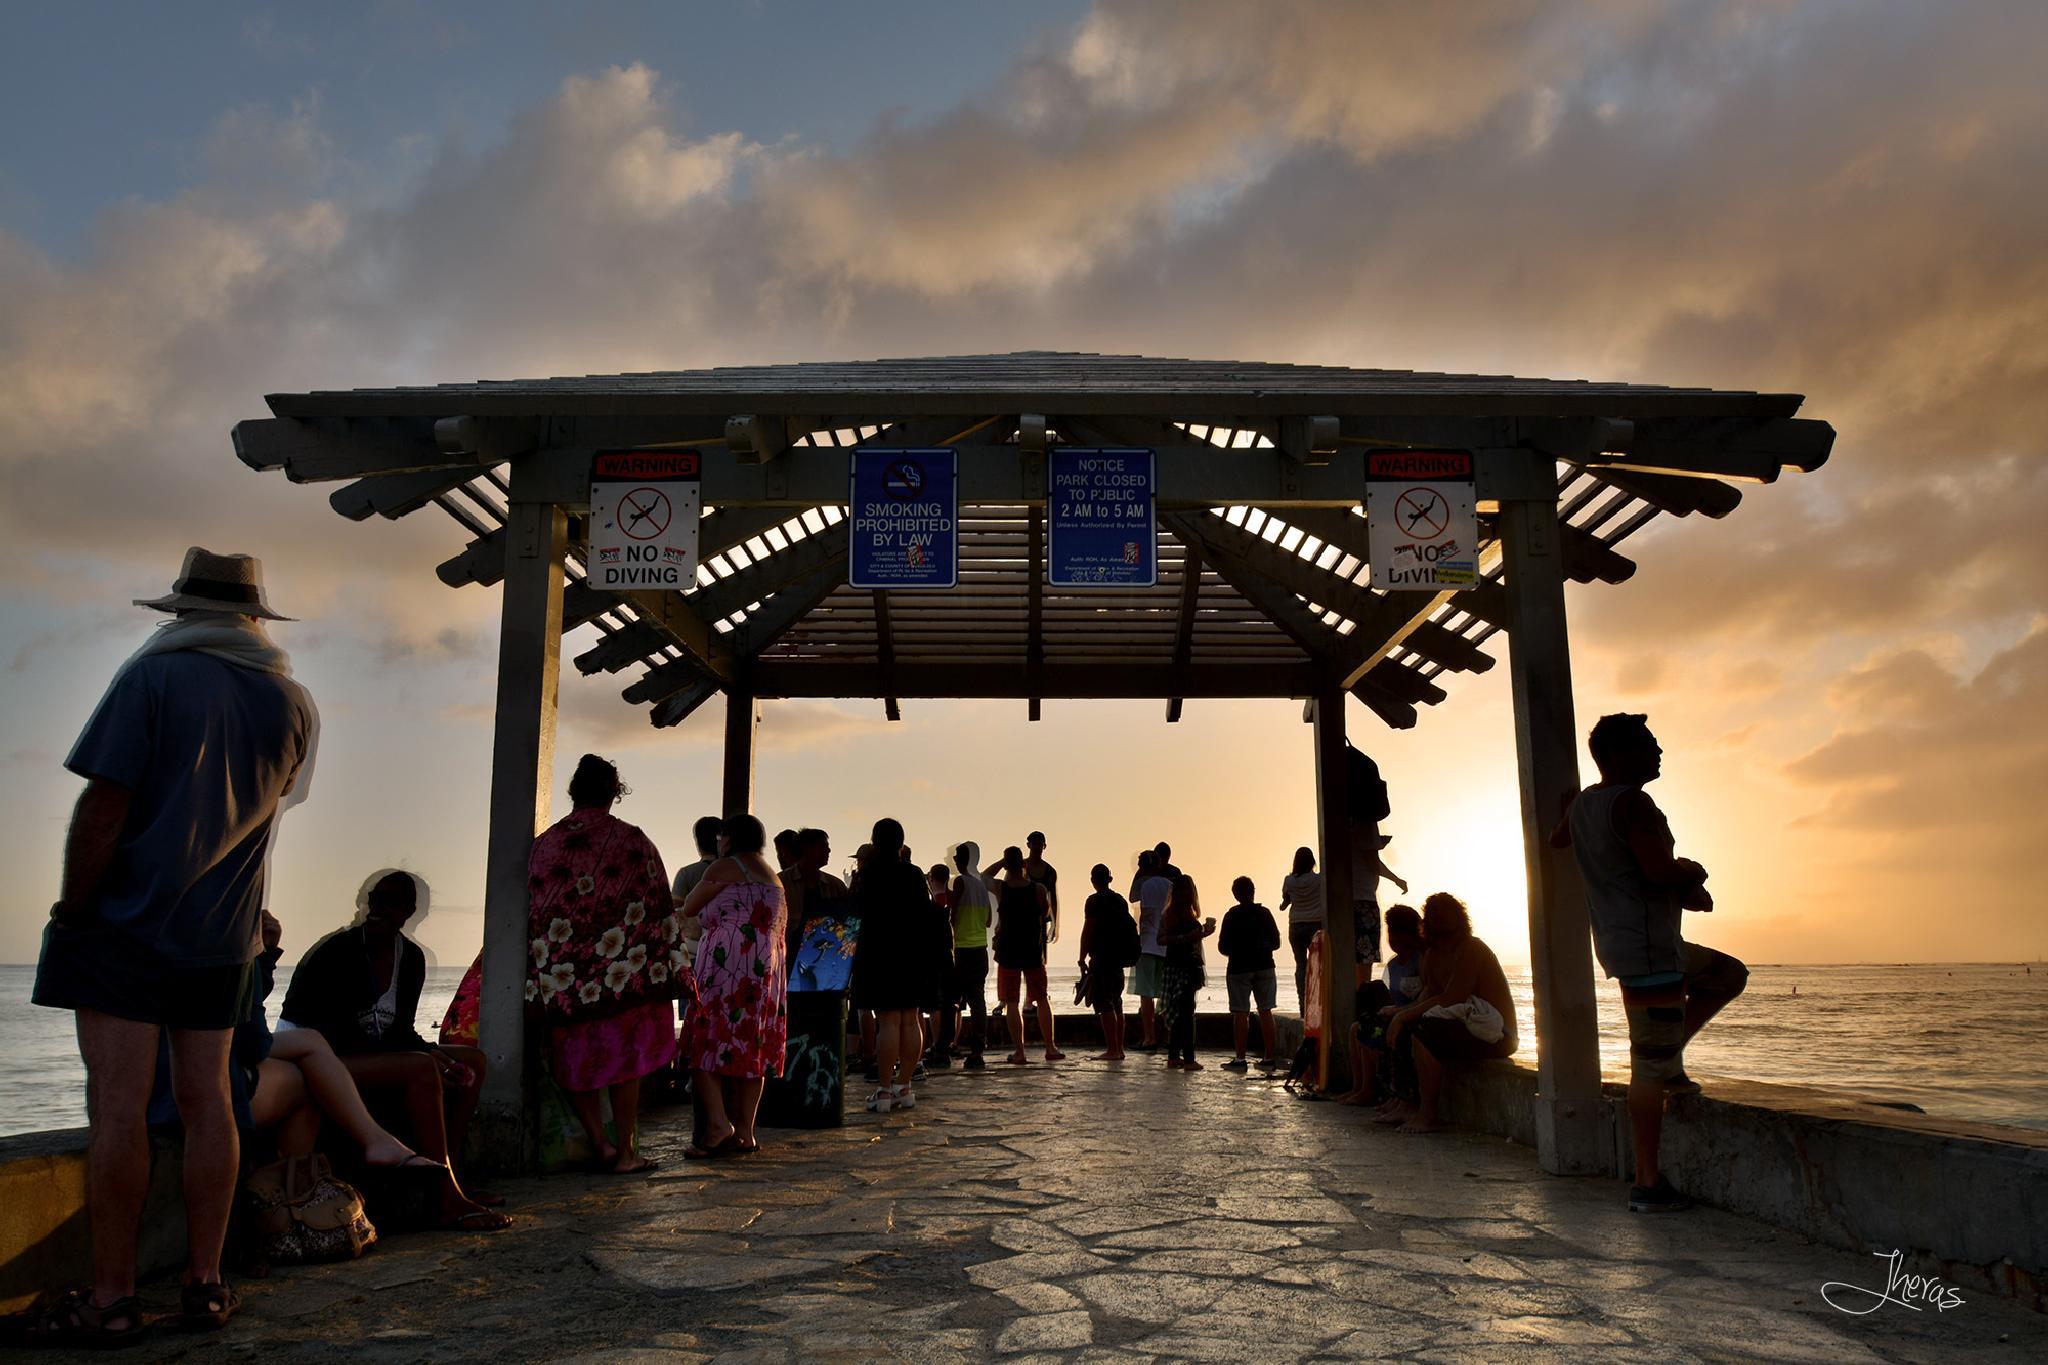 Waikiki Sunset by Jesus Heras